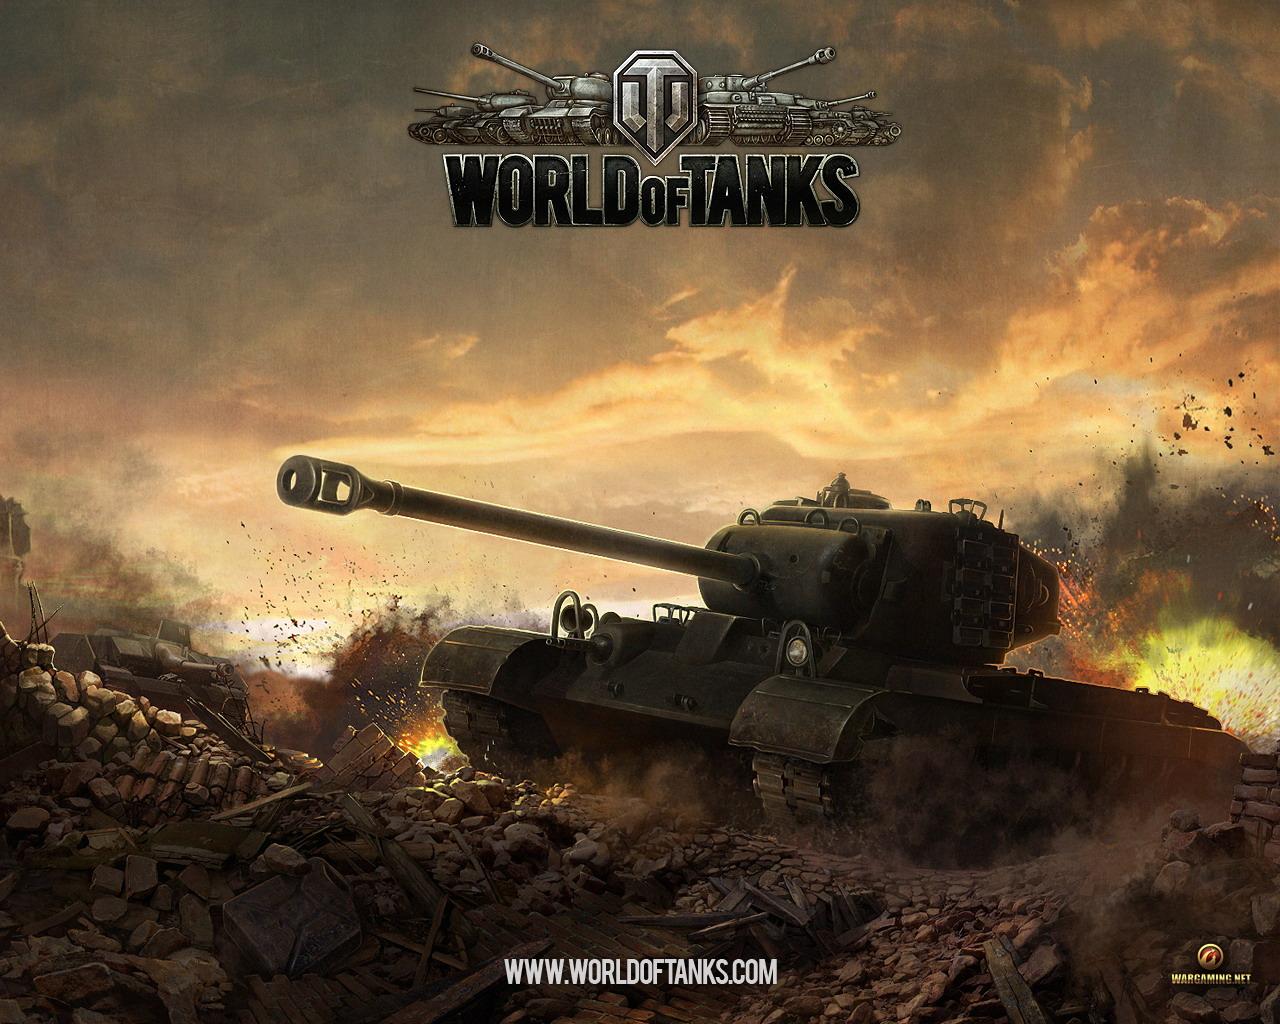 World of Tanks Wallpaper HD - WallpaperSafari